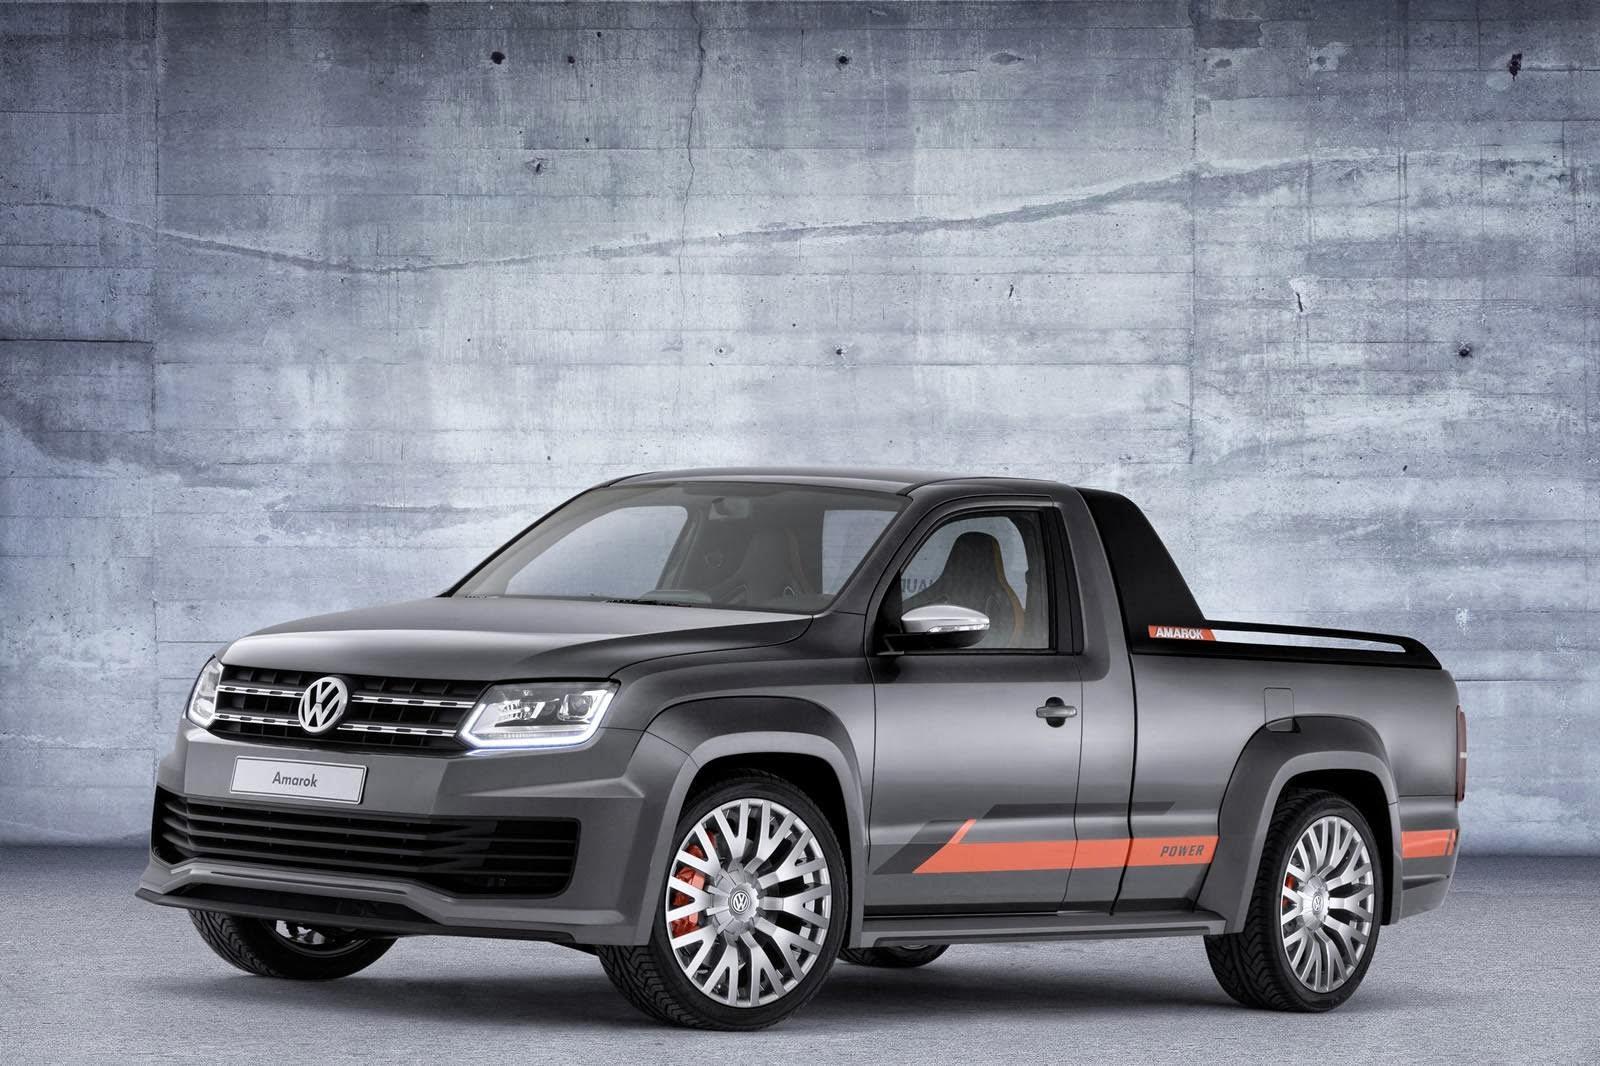 [Resim: Volkswagen+Amarok+Power+Concept+1.jpg]